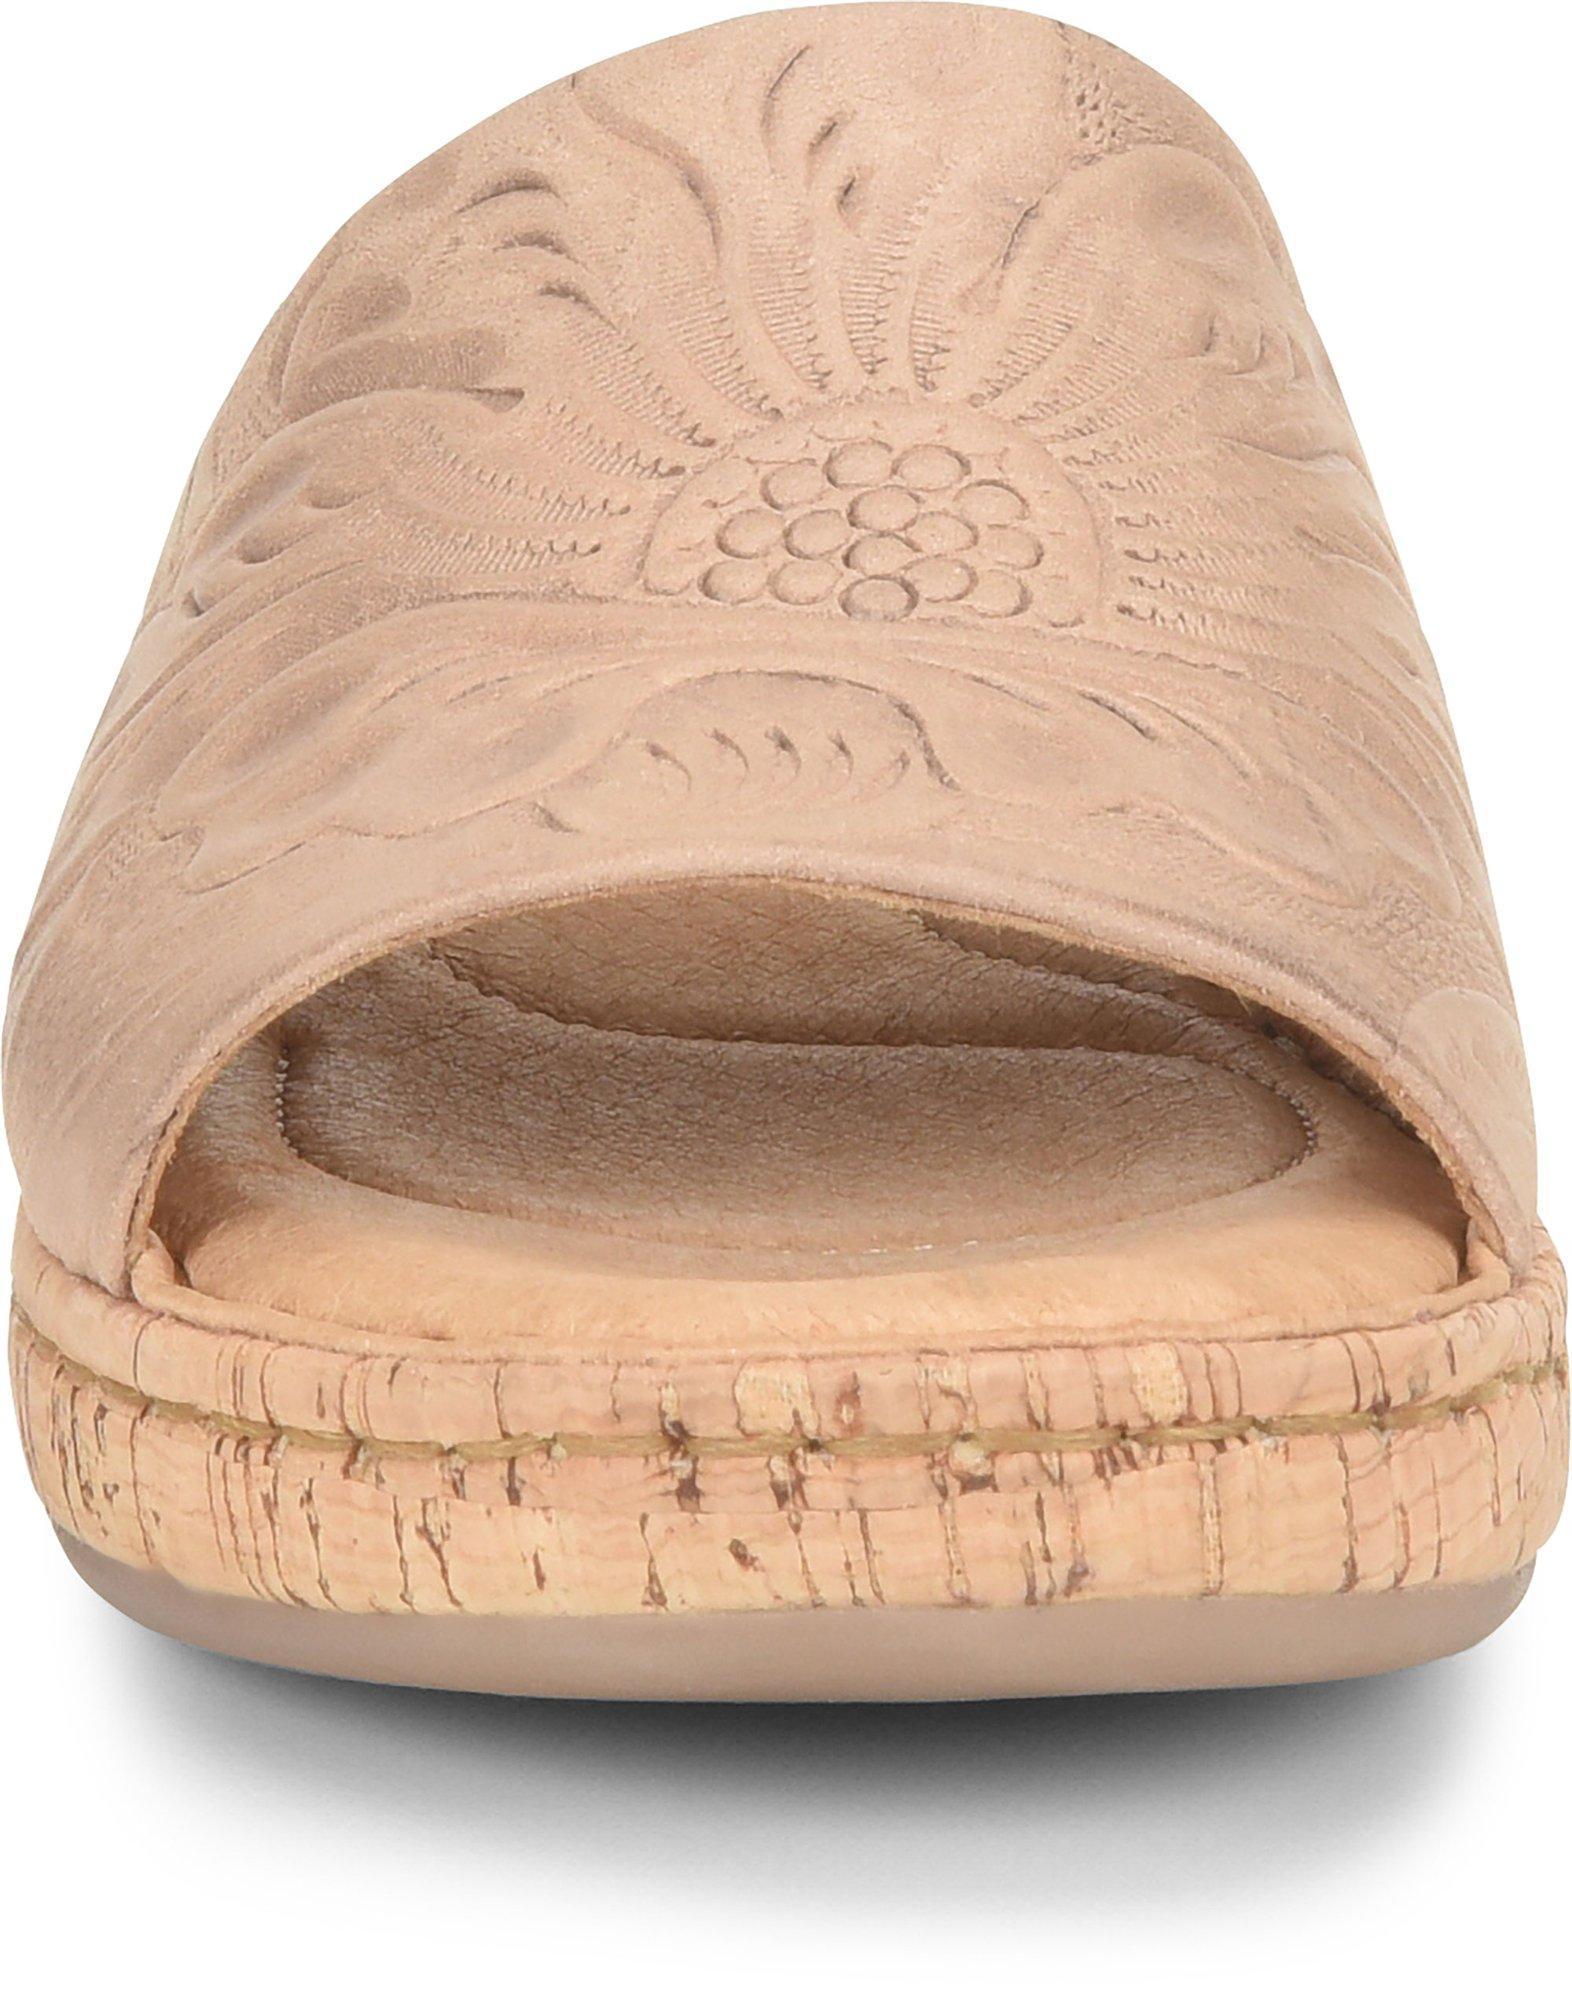 Details about  /Born® Fishlake Embossed Leather Slide Sandal 649805-J